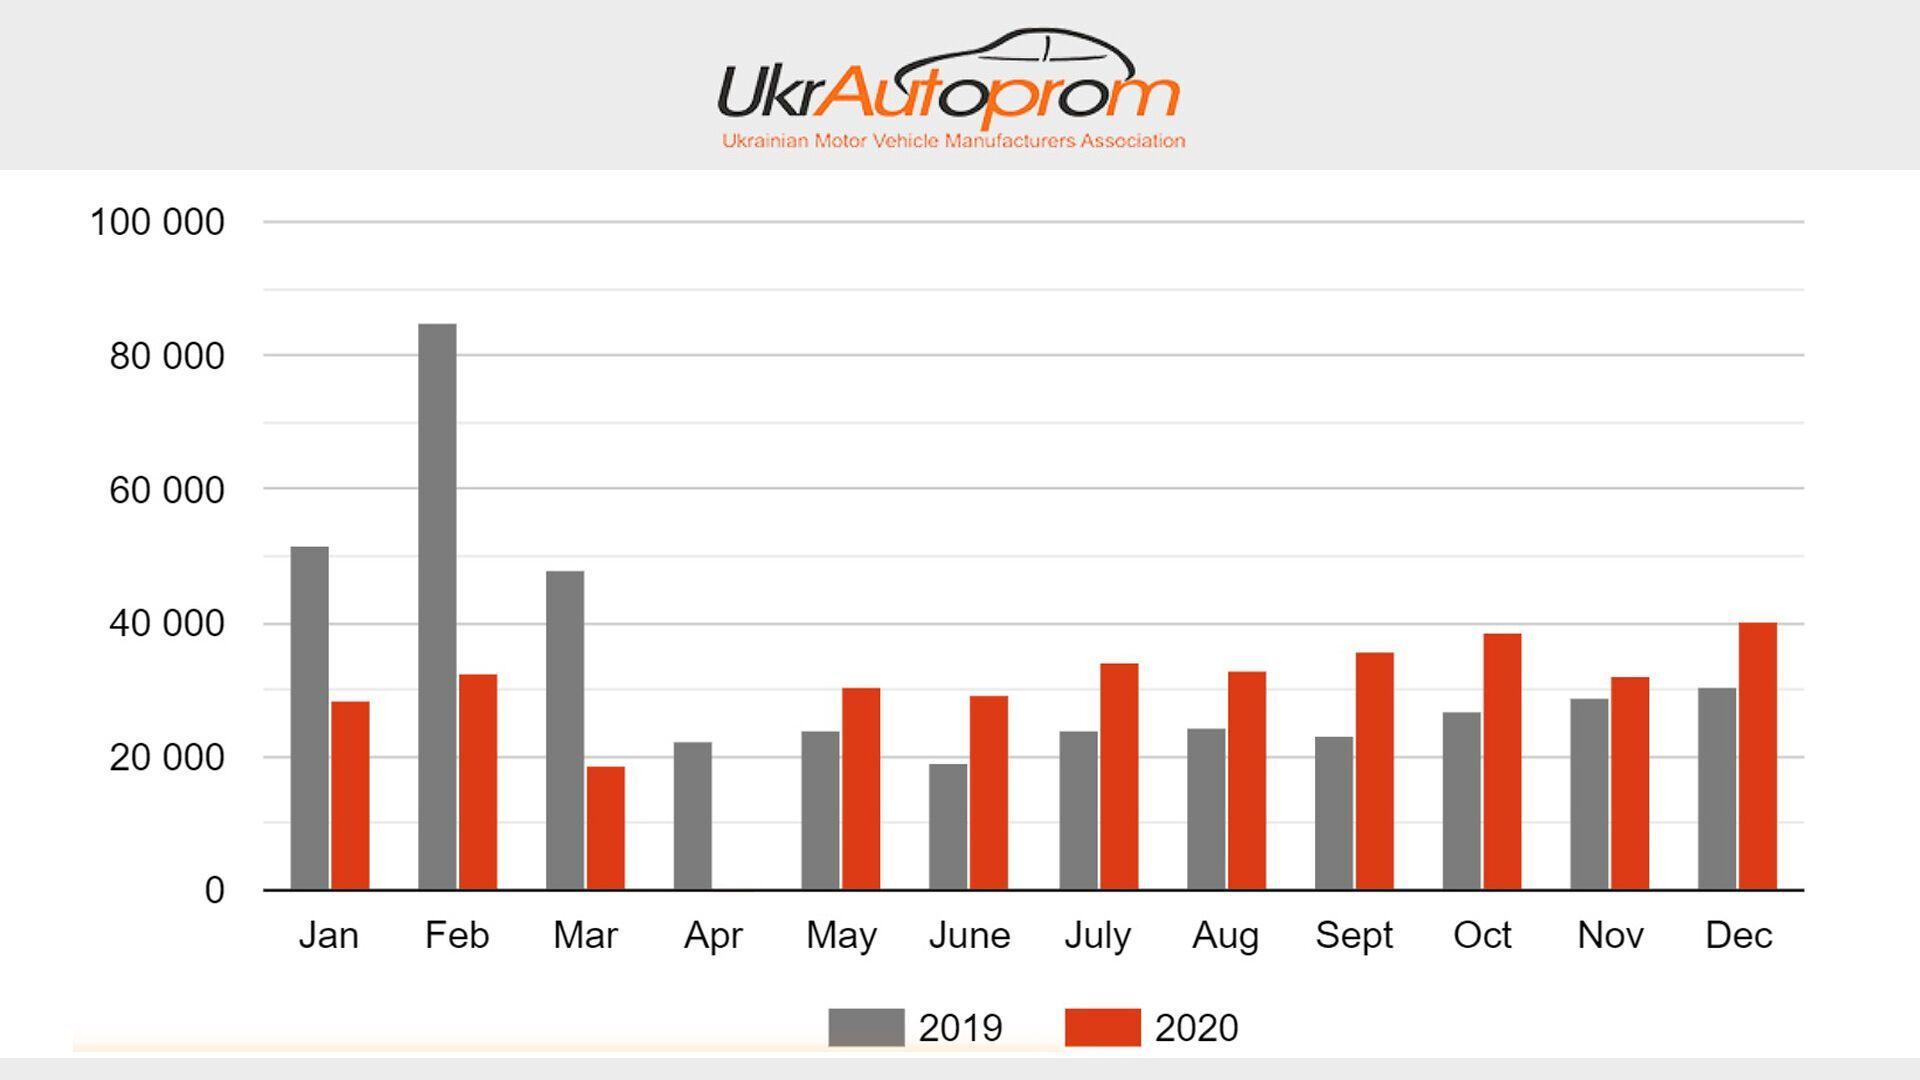 Графік продажів вживаних іномарок за місяцями за 2019-2020 роки